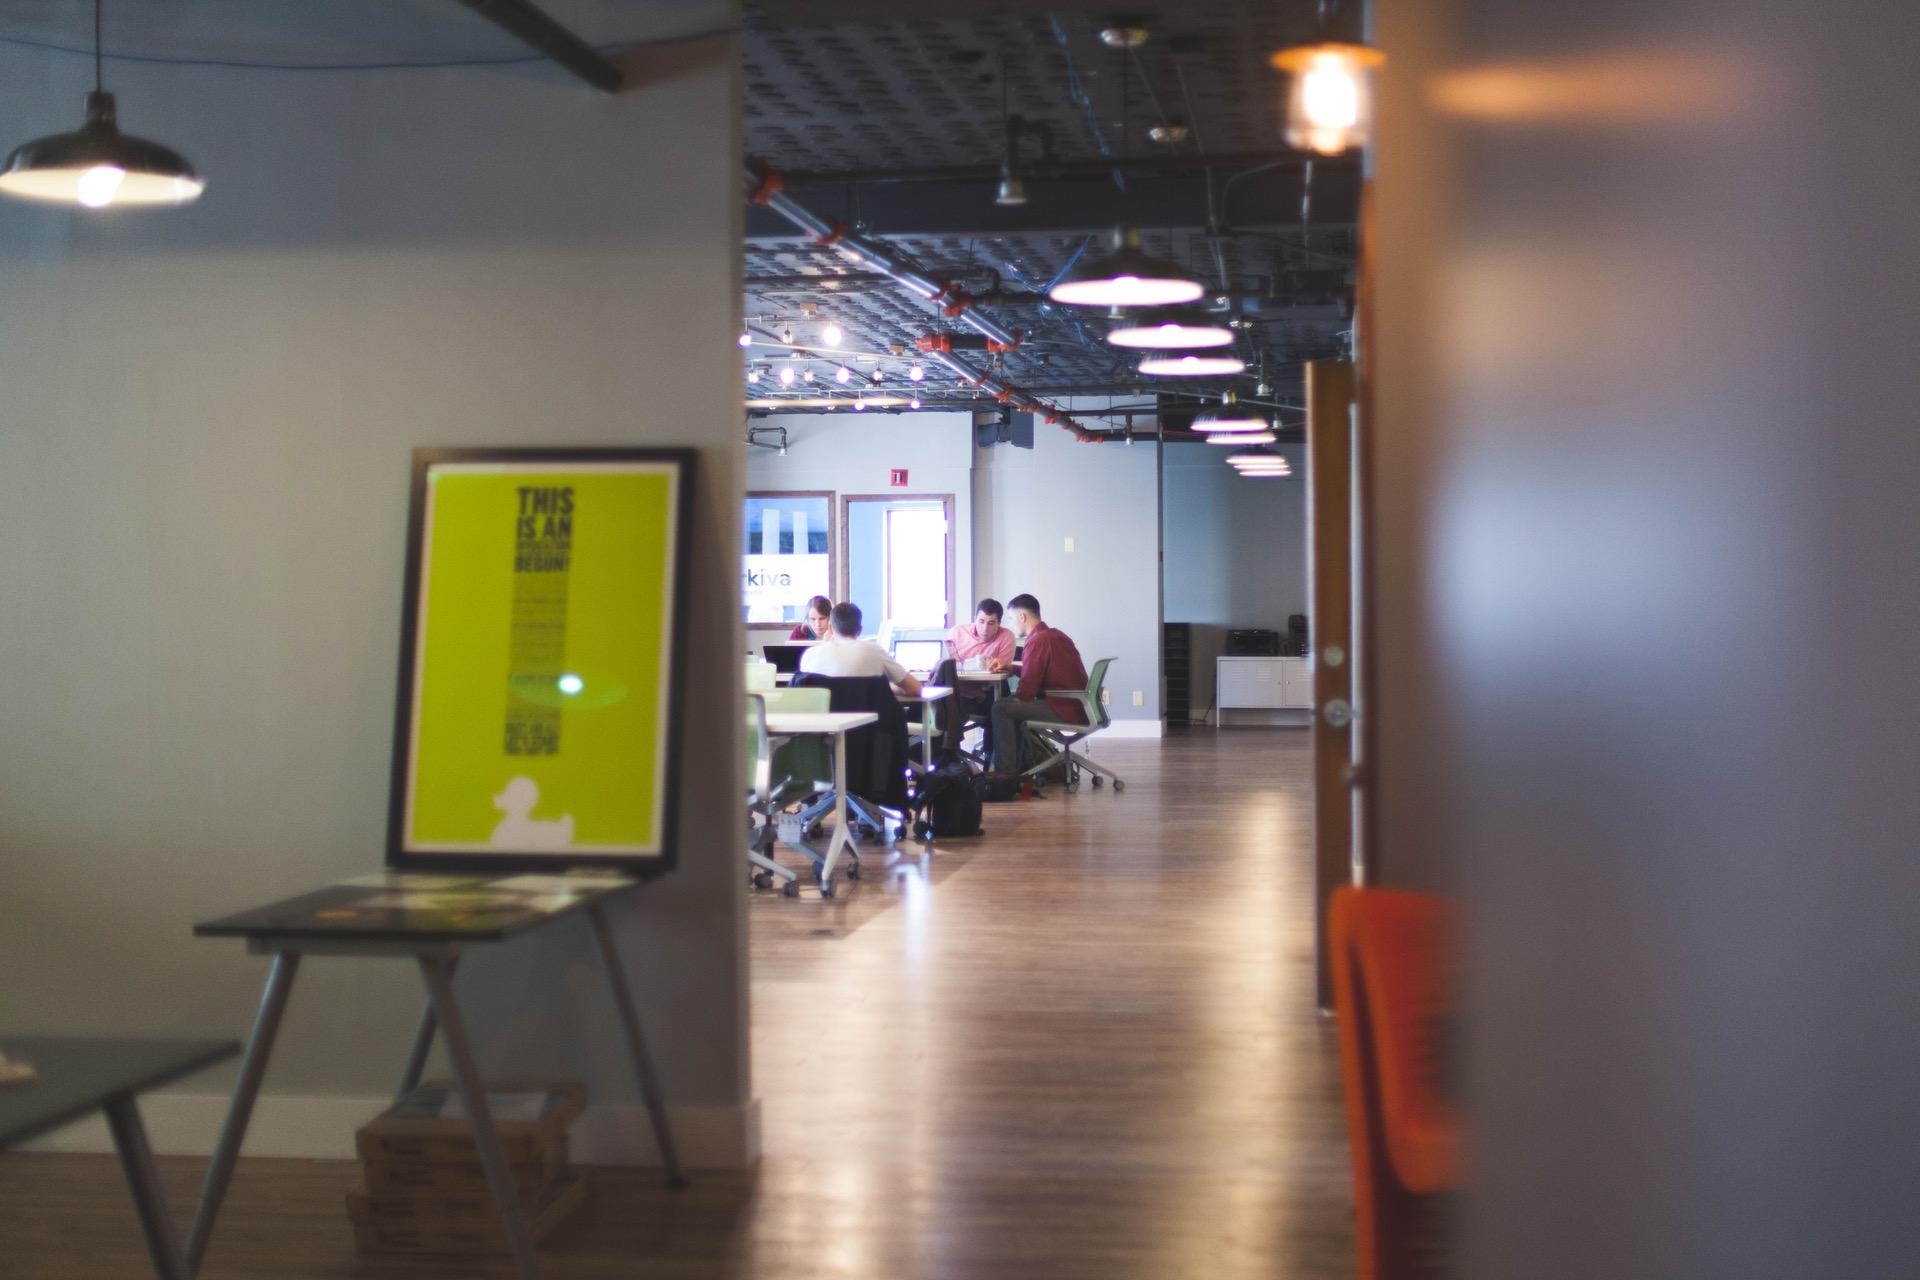 Tiles Direct PR - Office space survey